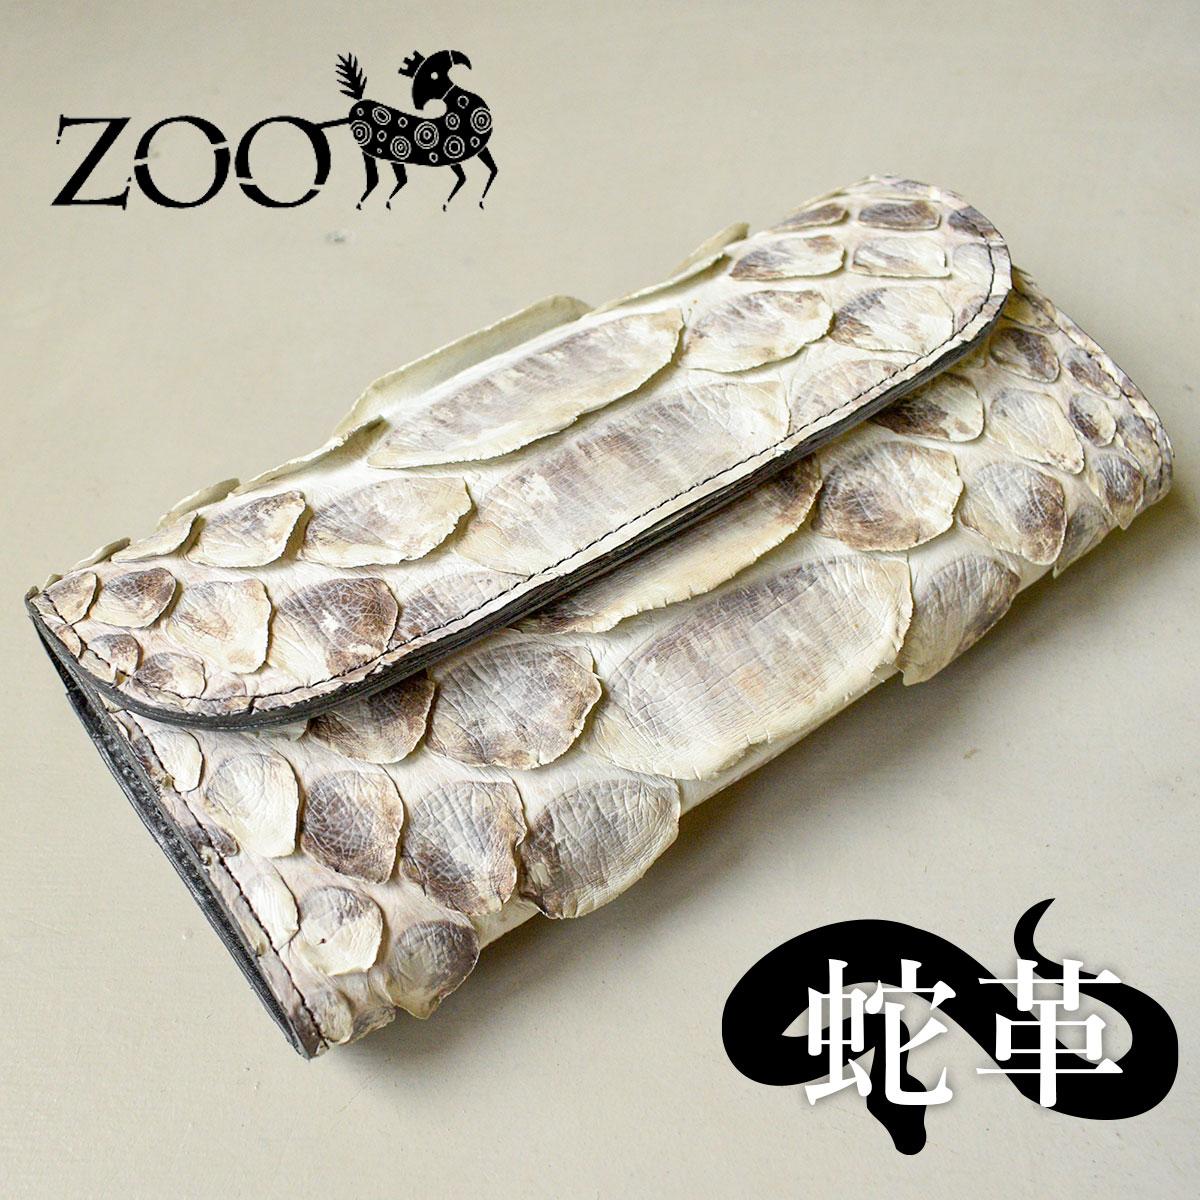 【メッセージカード・ラッピング無料】ZOO(ズー) サーバルウォレット2 大蛇革 ダイヤモンドパイソン メンズ かぶせ長財布 zlw-086 ナチュラル